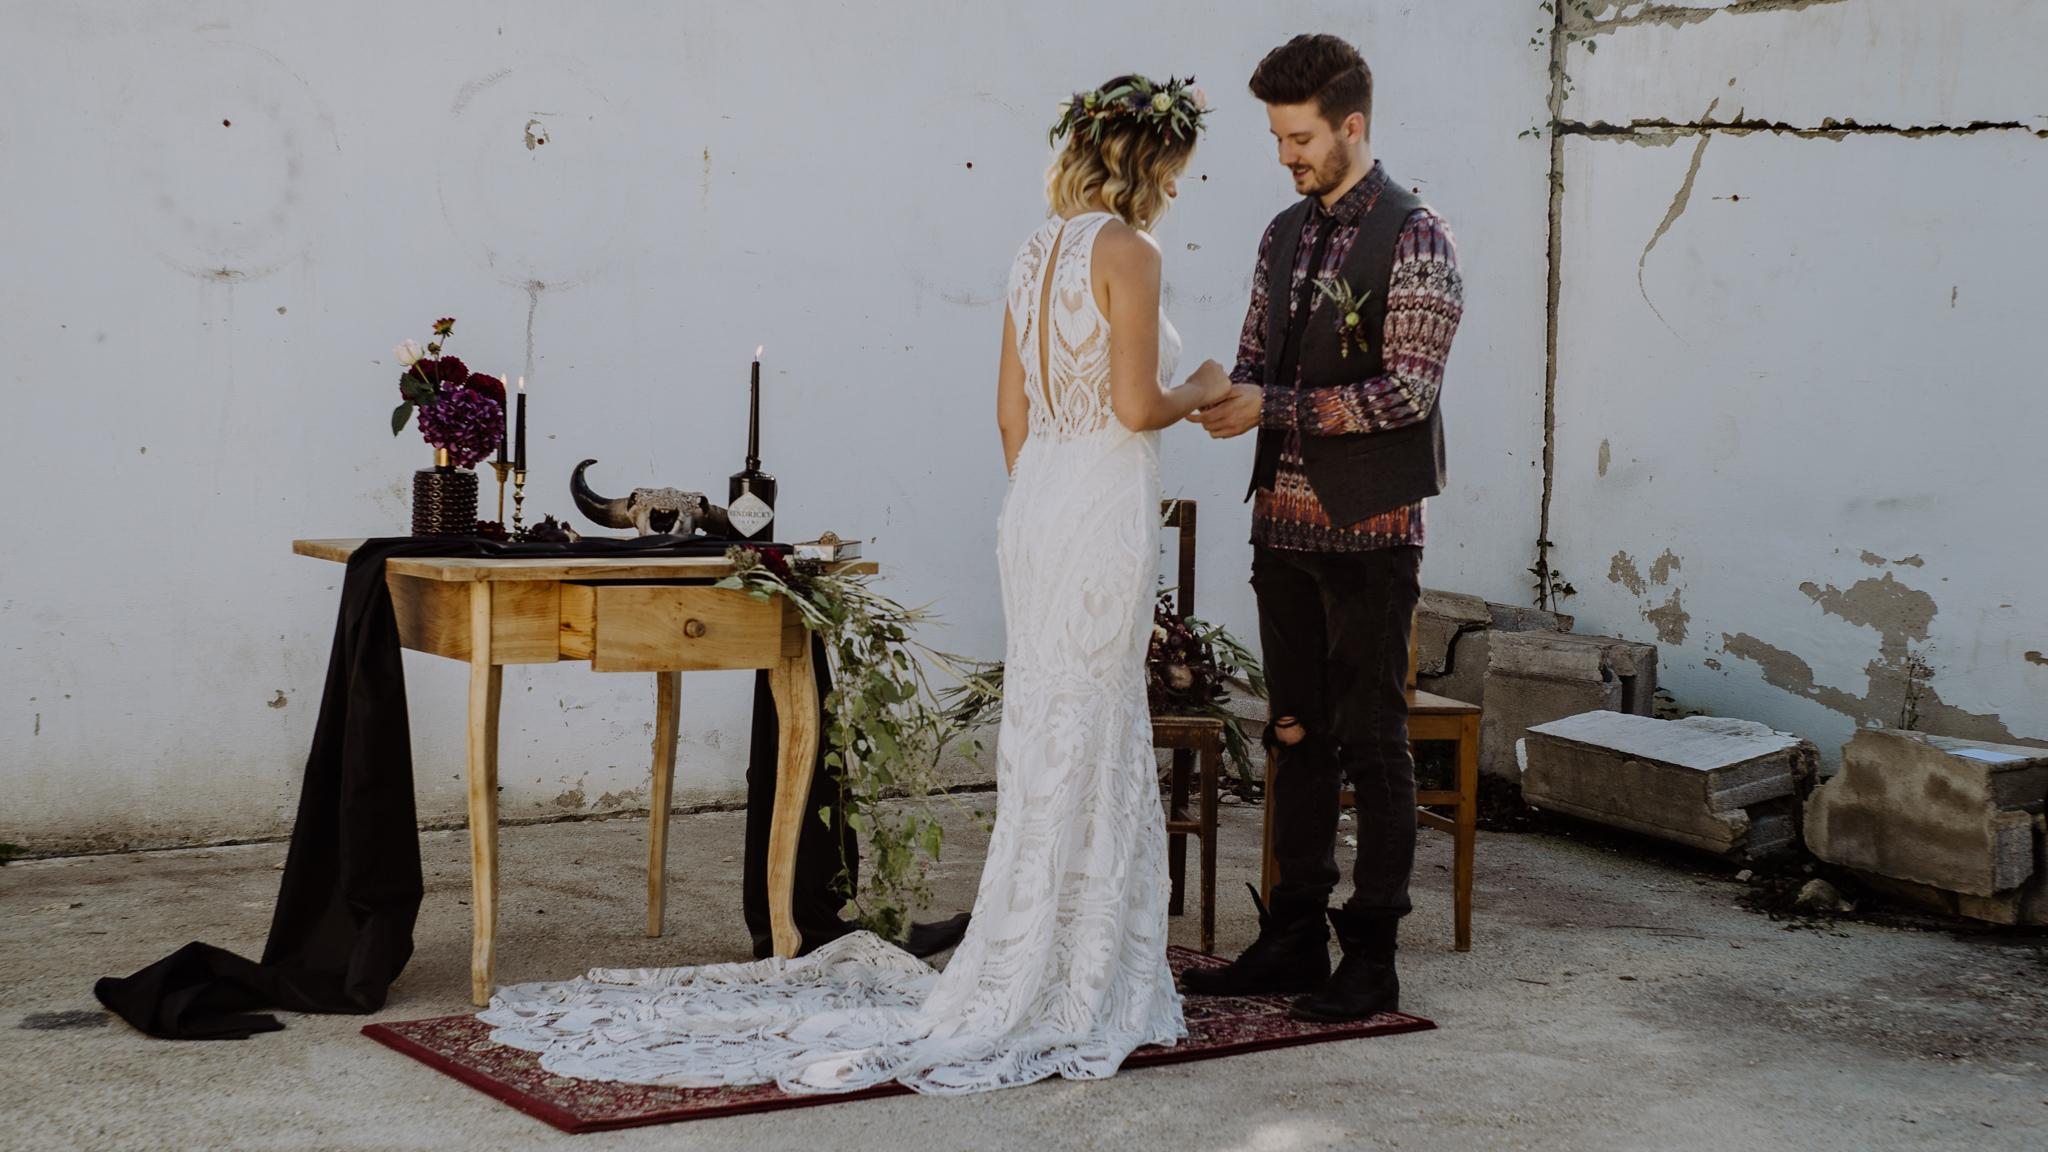 Braut und Bräutigam tauschen Ringe aus in einem rustikalen Ambiente mit Perserteppich und schönem Teppich